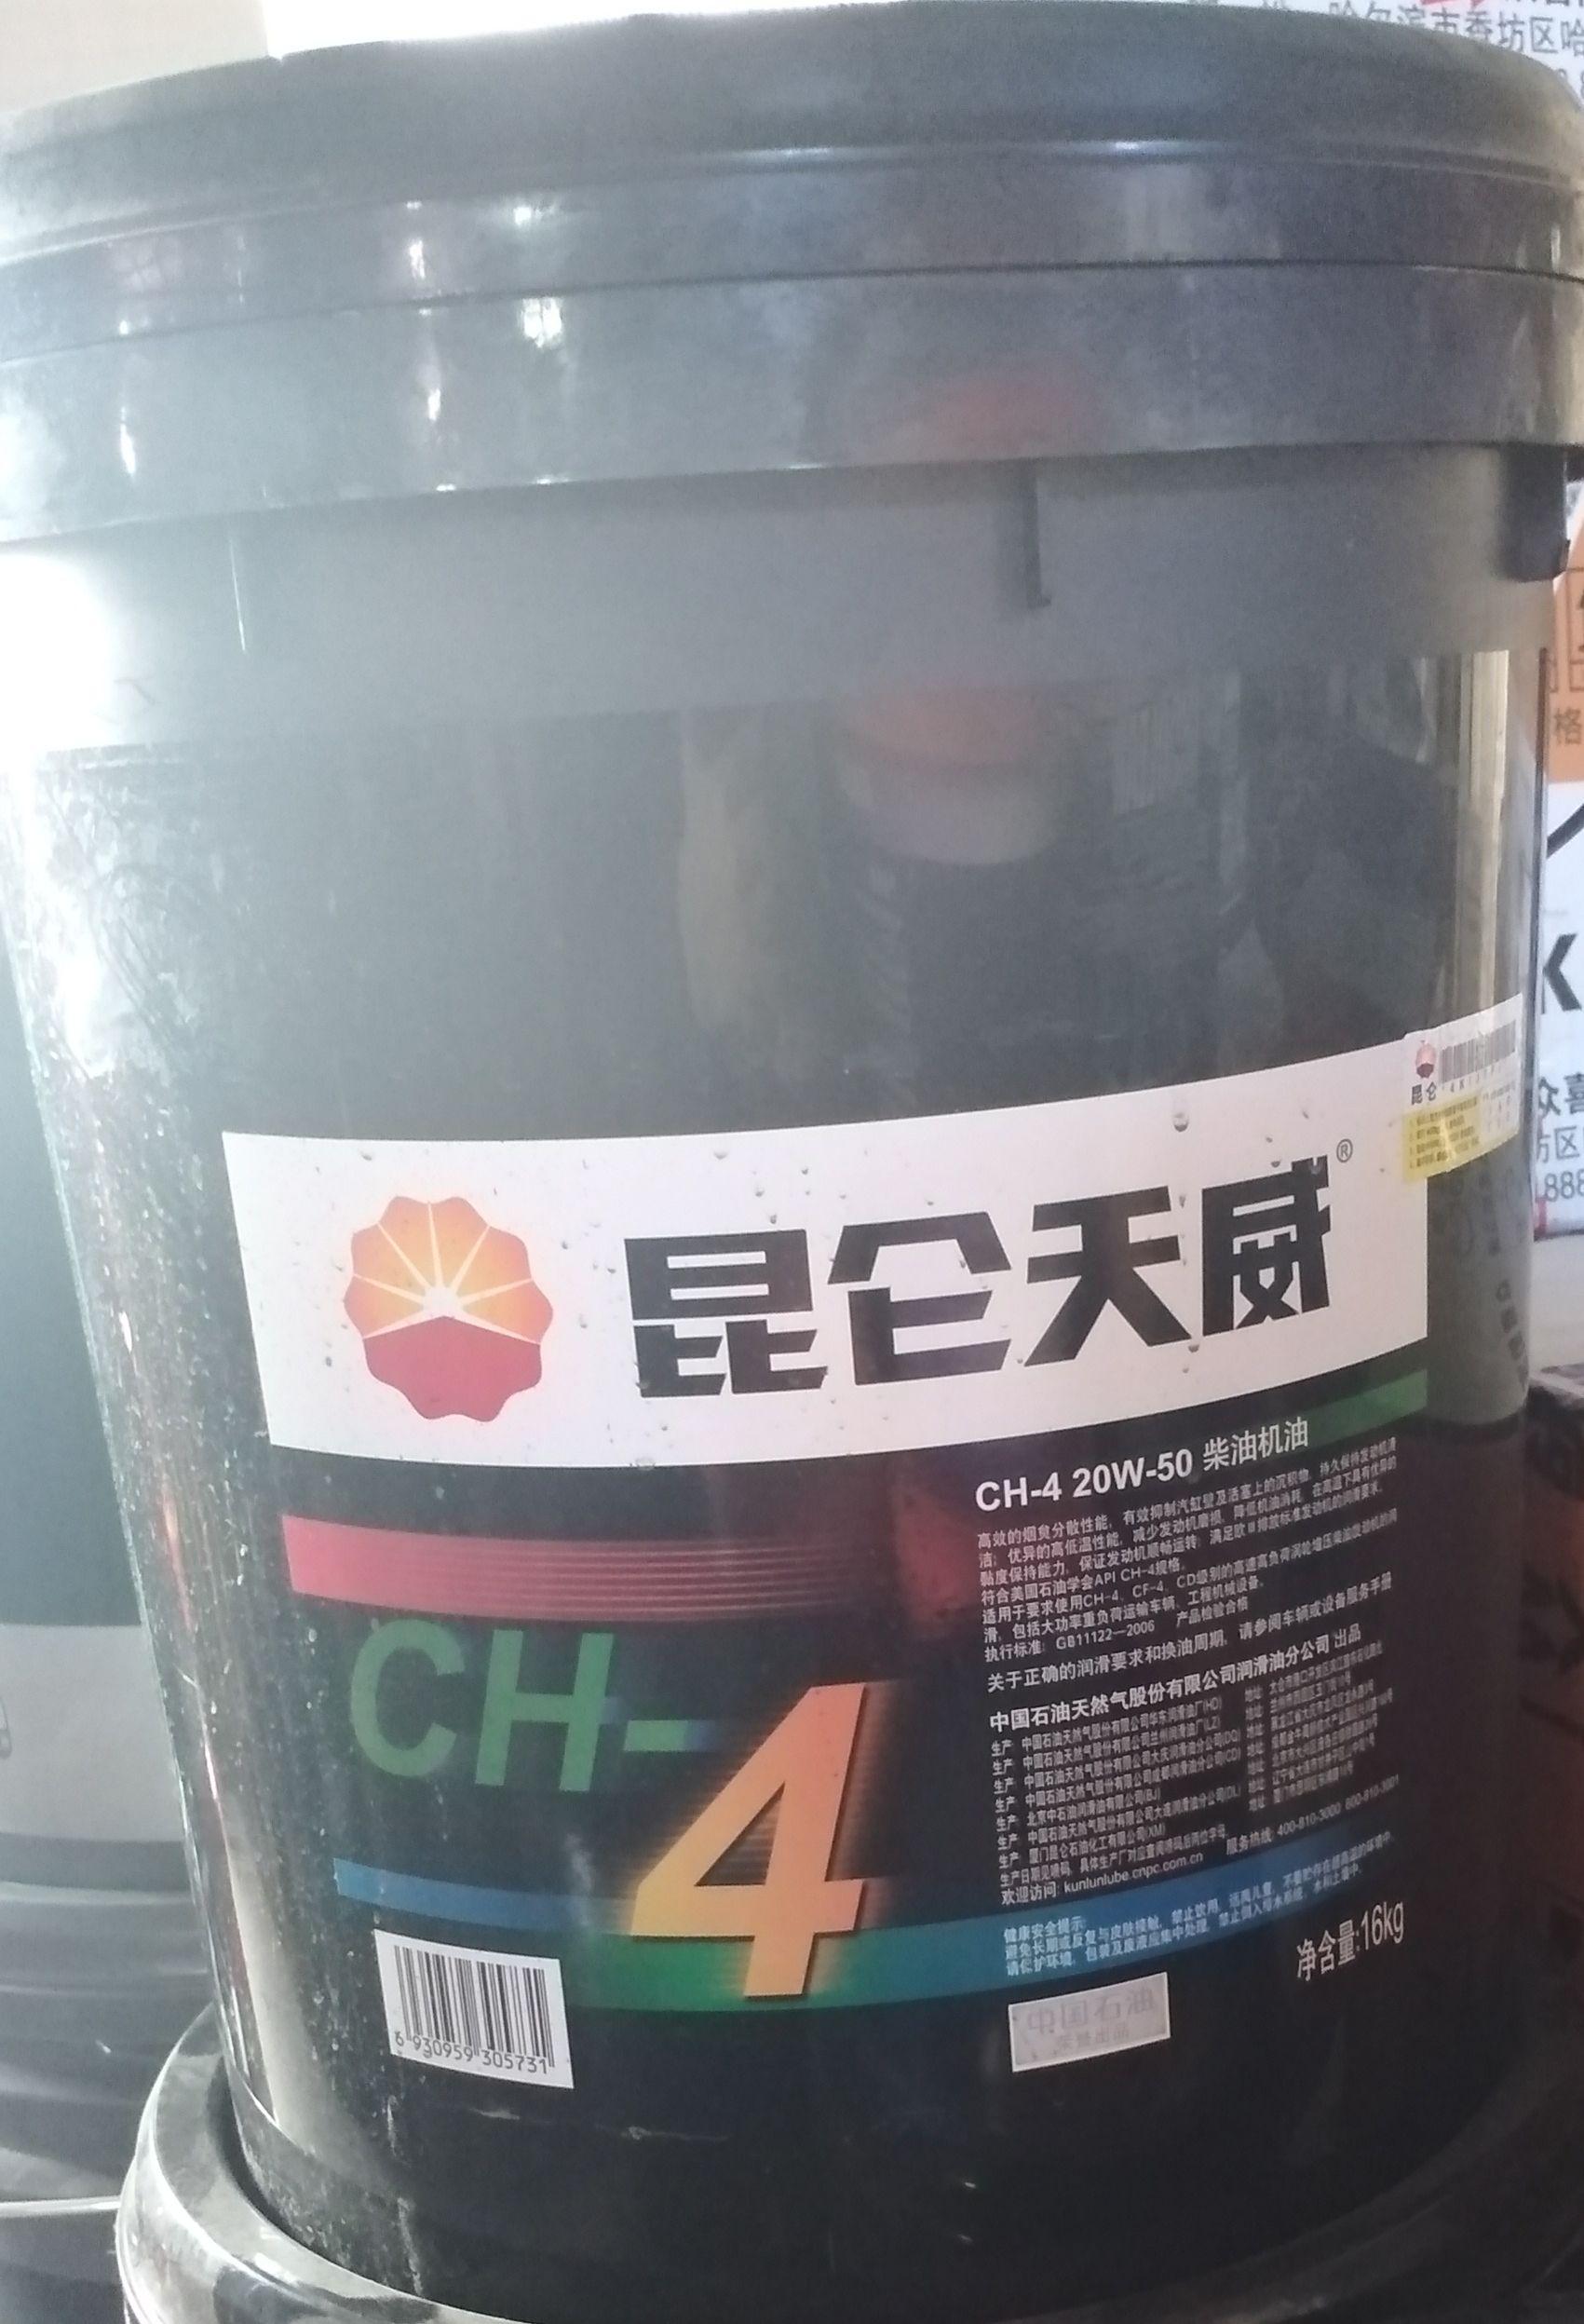 昆仑天威柴油机油CH-4